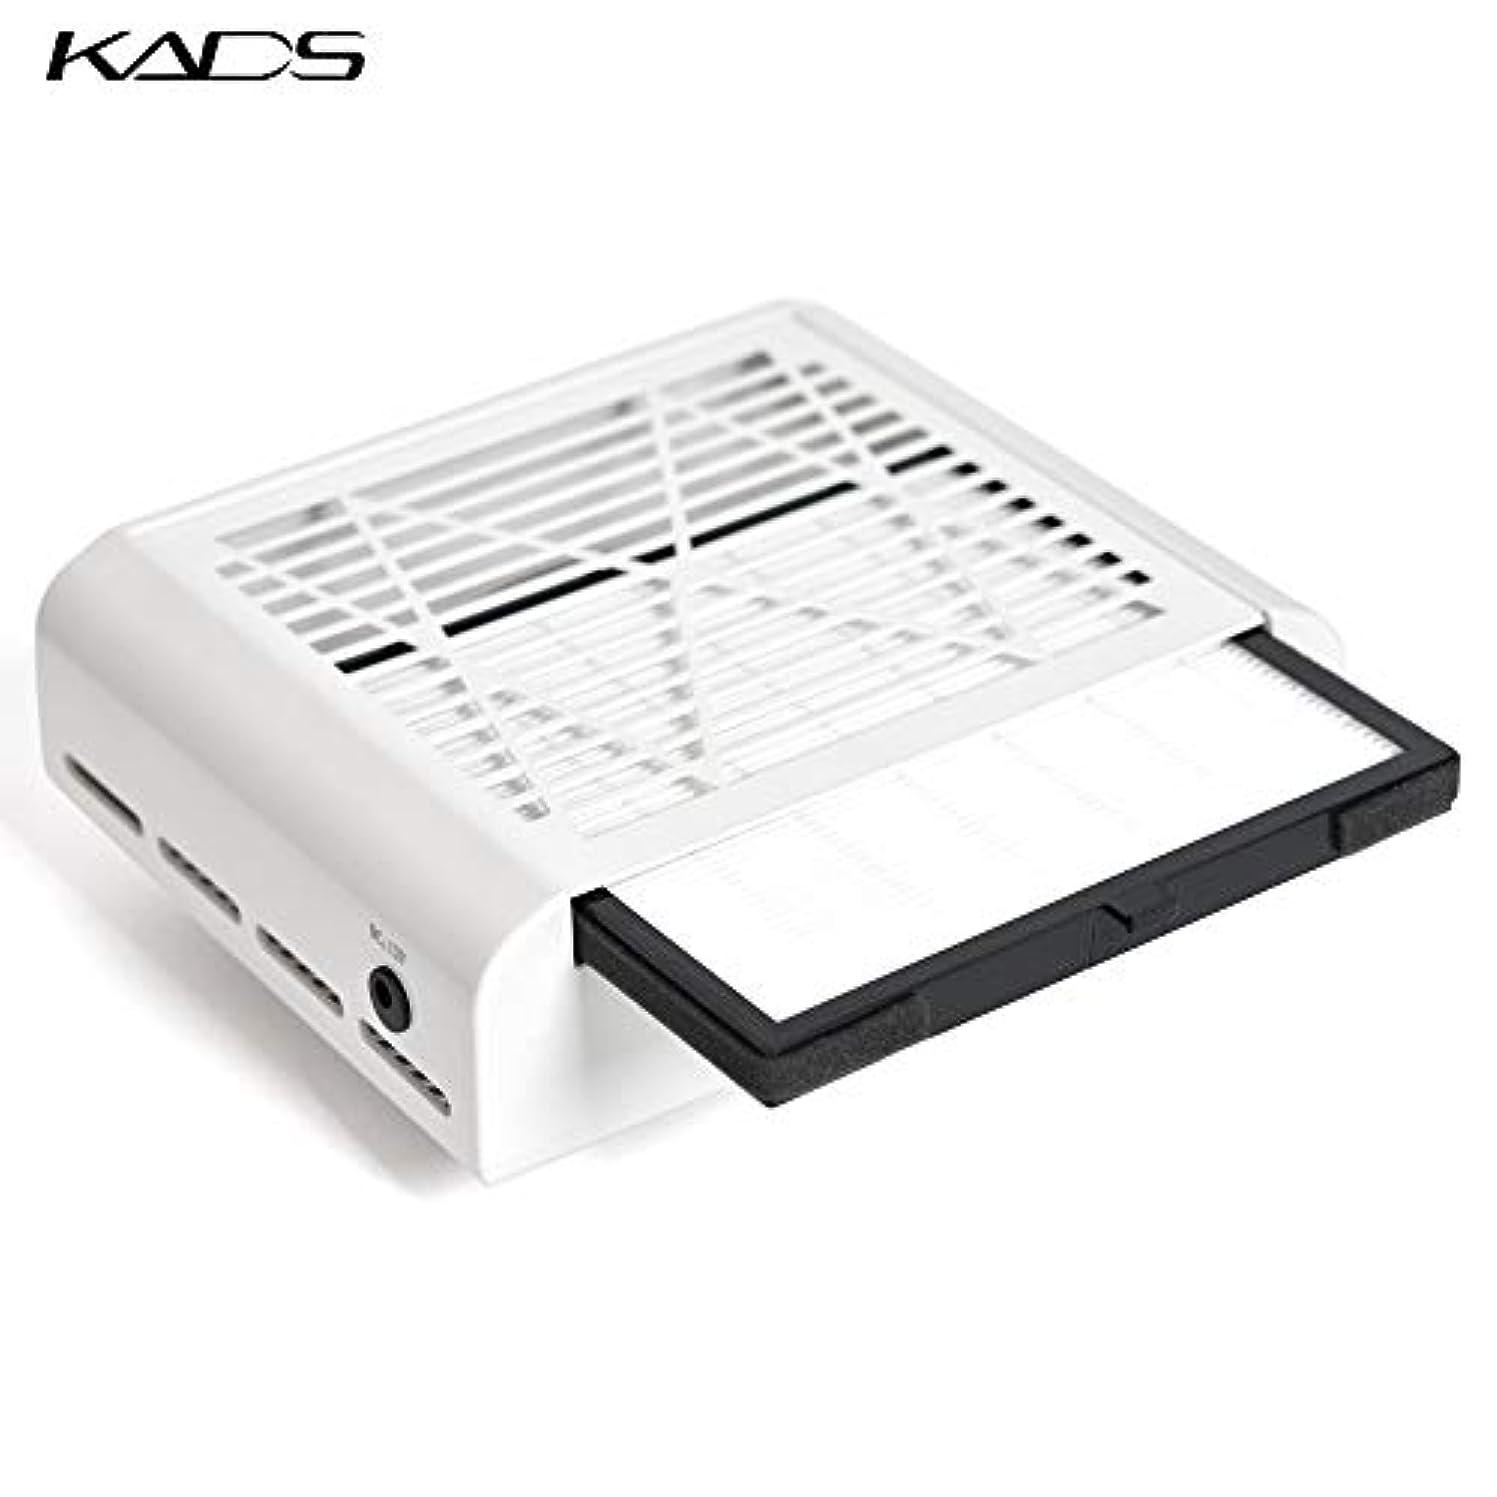 収容するブロー保存KADS ネイルダスト集塵機 ネイルダストコレクター サロンサクションダストコレクター ネイルダストクリーナー ジェルネイル機器 ネイルケア用